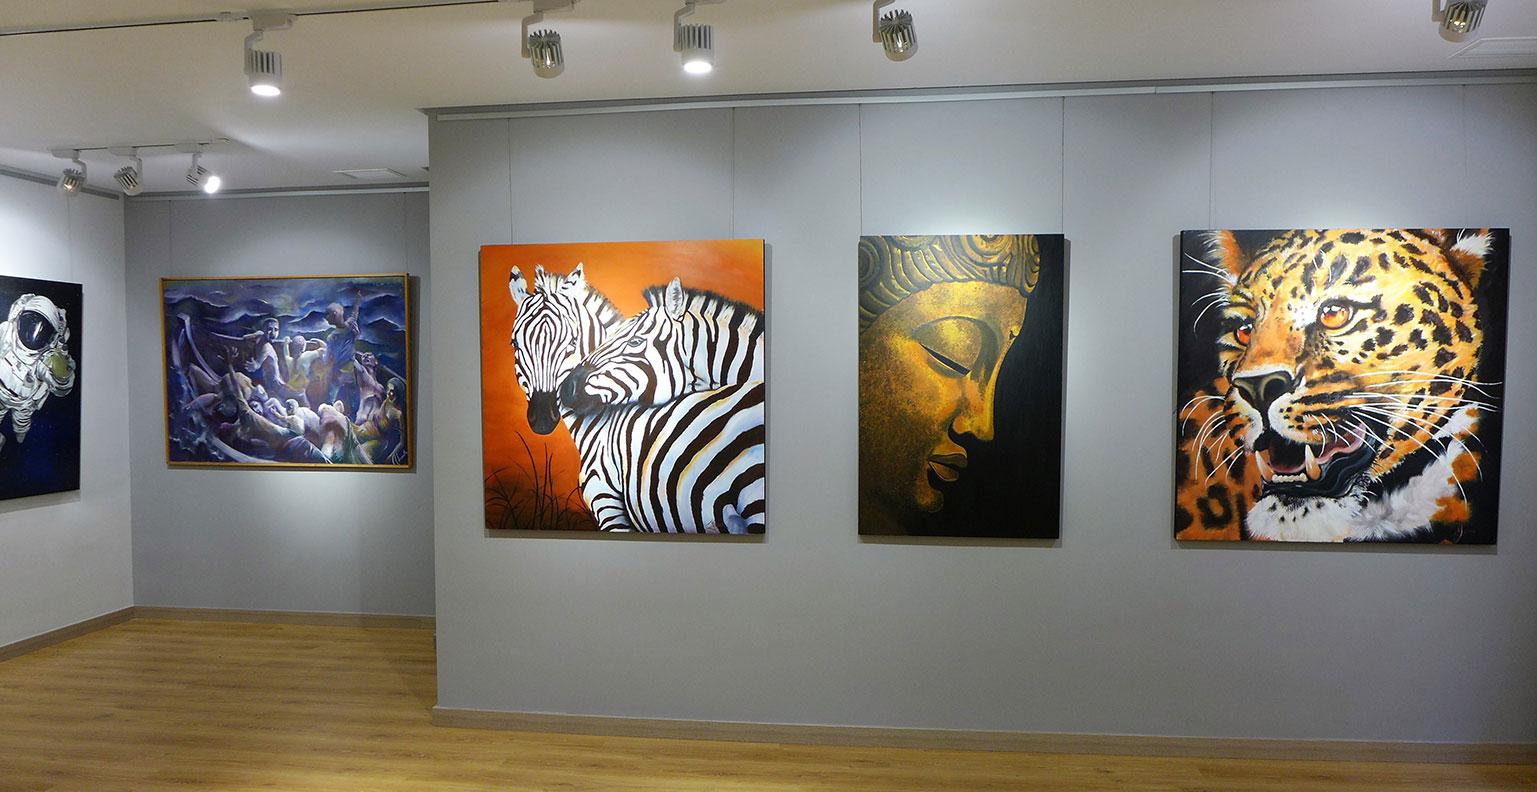 Sala Exposiciones Ubrique en la Fundación López Mariscal